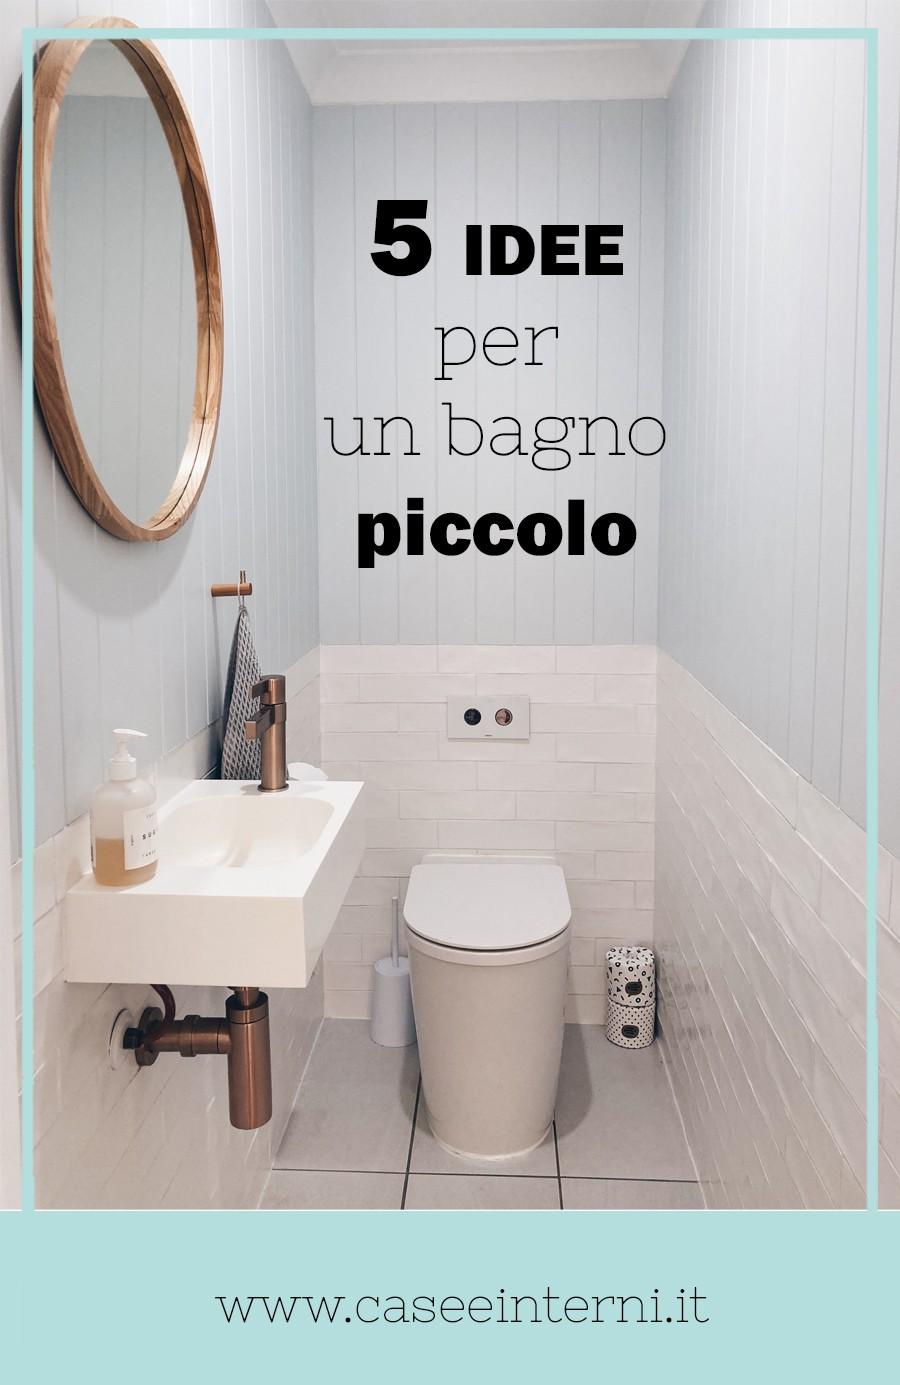 5 idee per un bagno piccolo